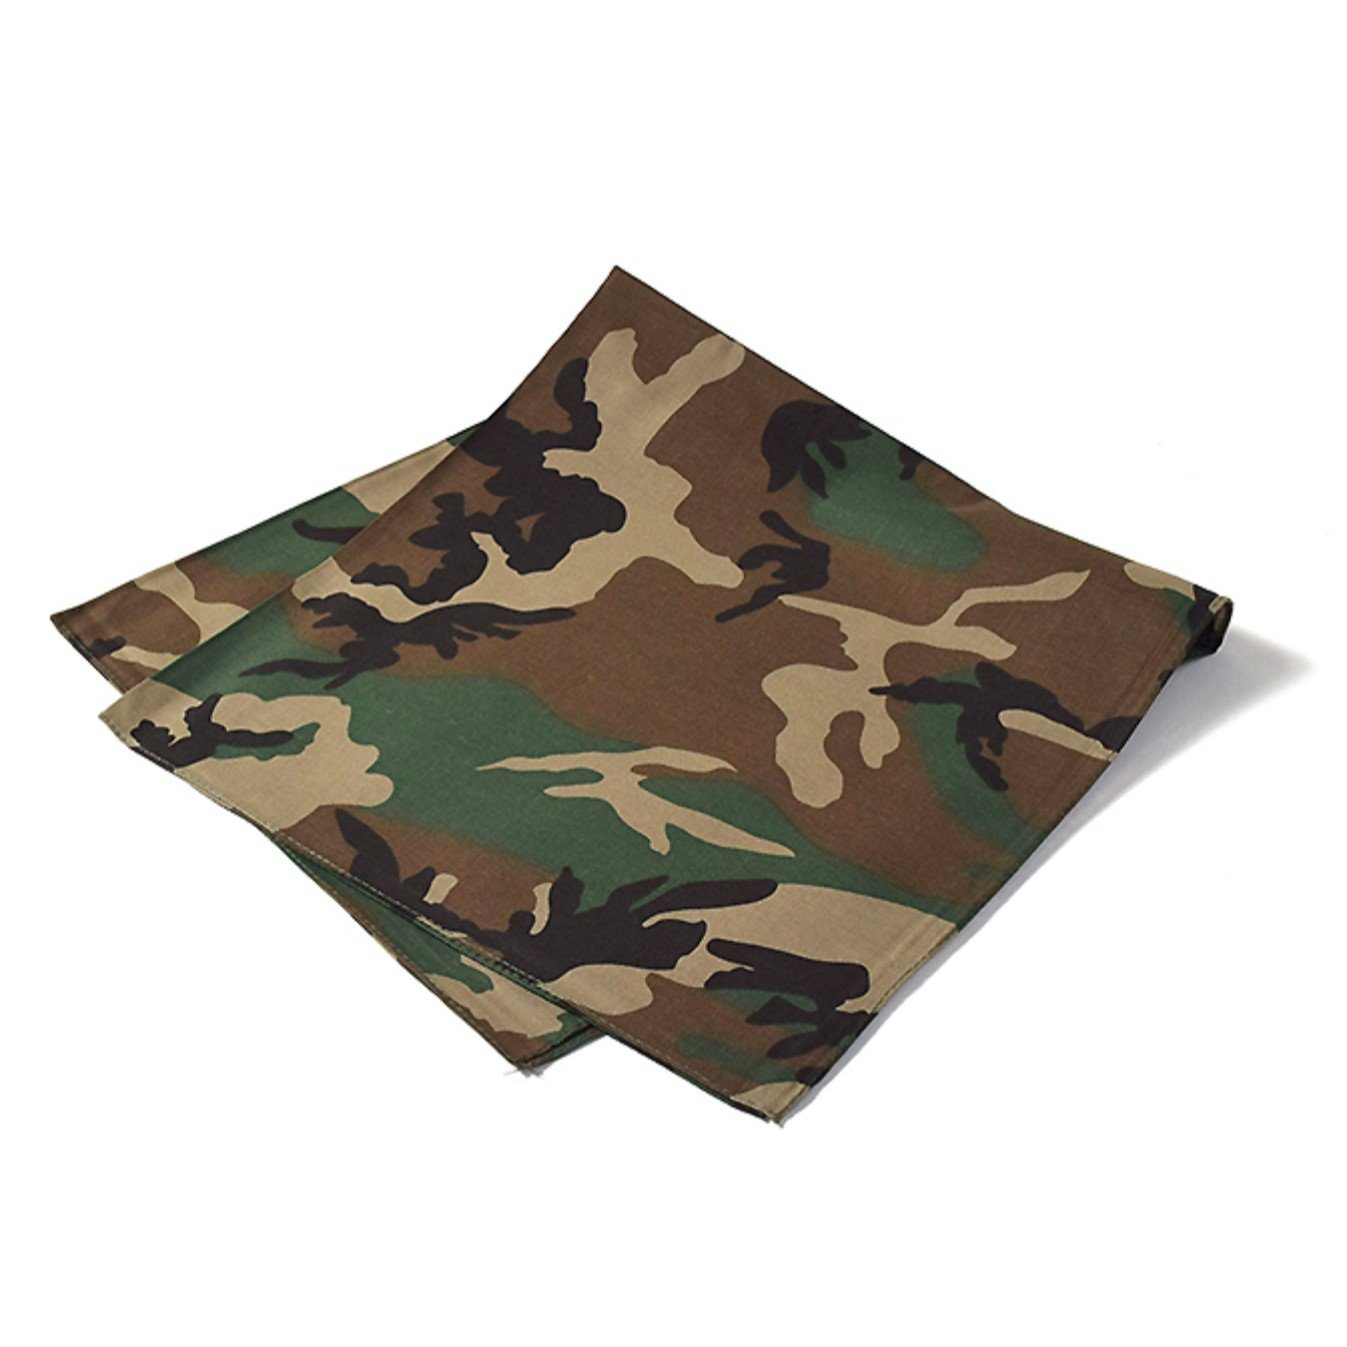 Daily Basic Camouflage Bandana 100% Cotton - 22 inches - Bulk Wholesale Packs